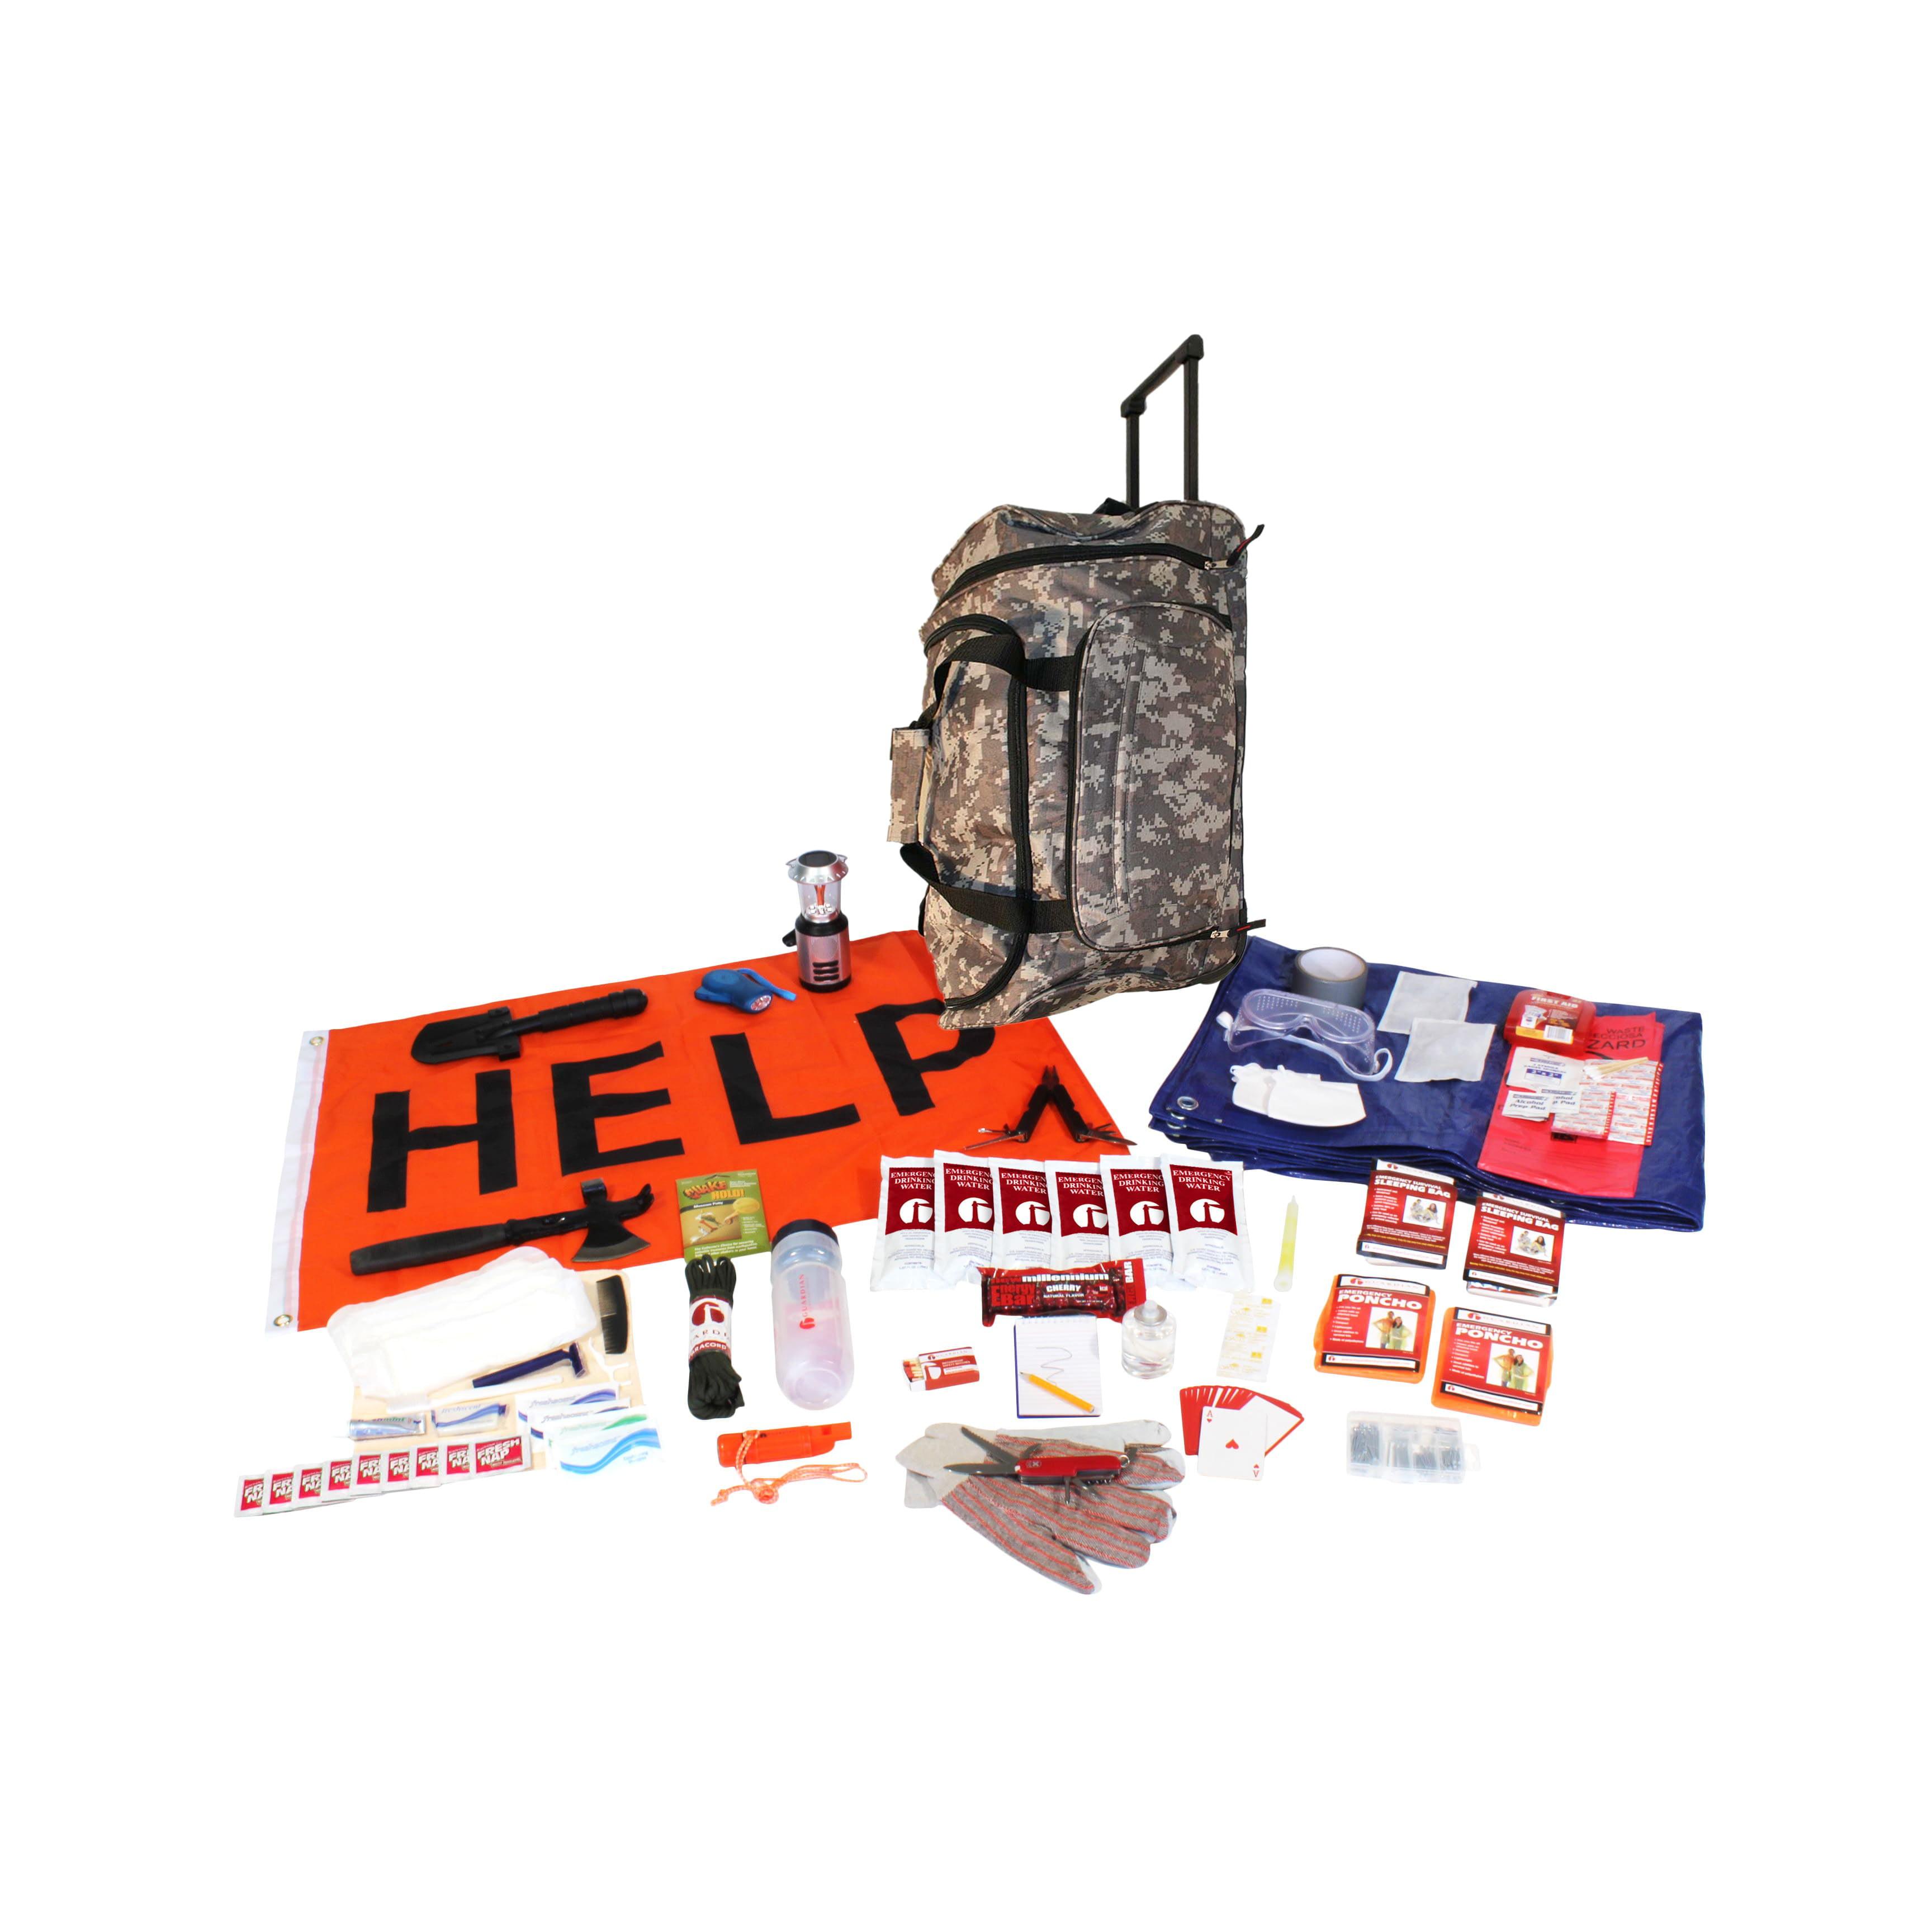 Guardian Survival Gear Tornado Emergency Kit in Camo by Overstock